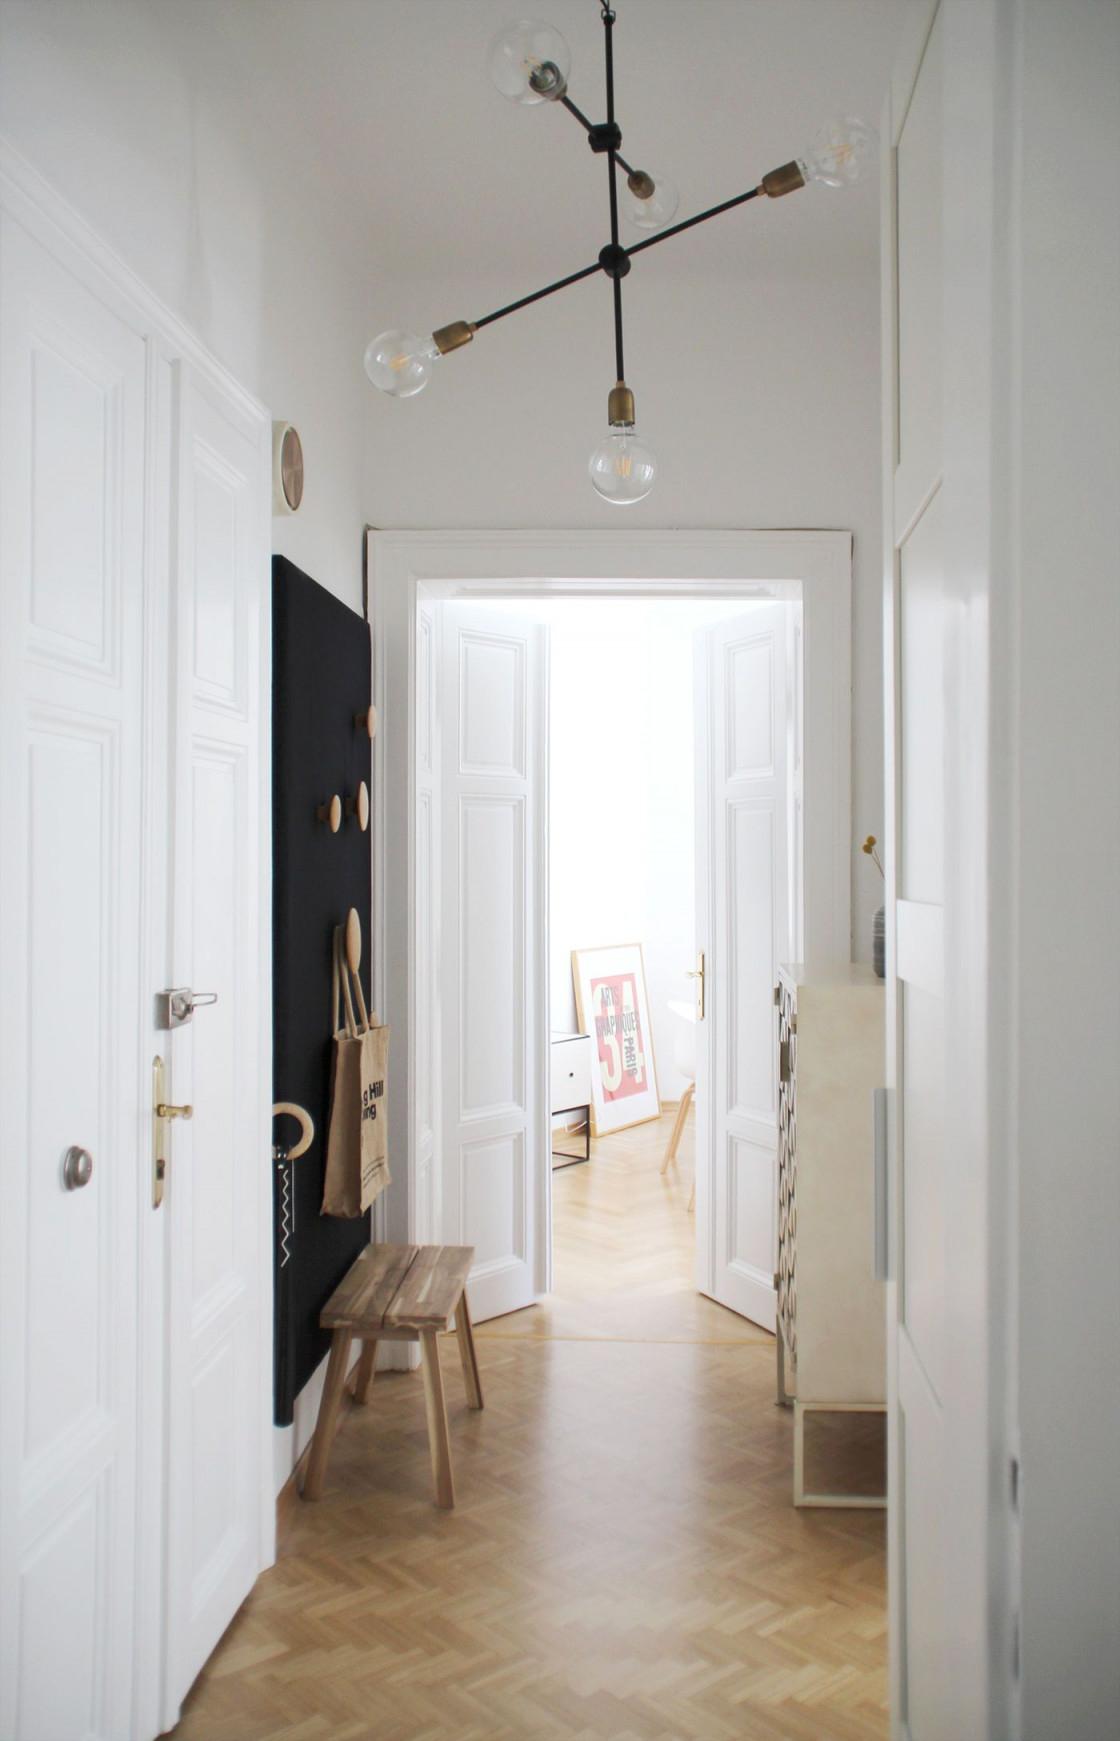 Altbauwohnung Einrichten Schöne Ideen Für Den Altbau von Wohnzimmer Ideen Altbau Photo